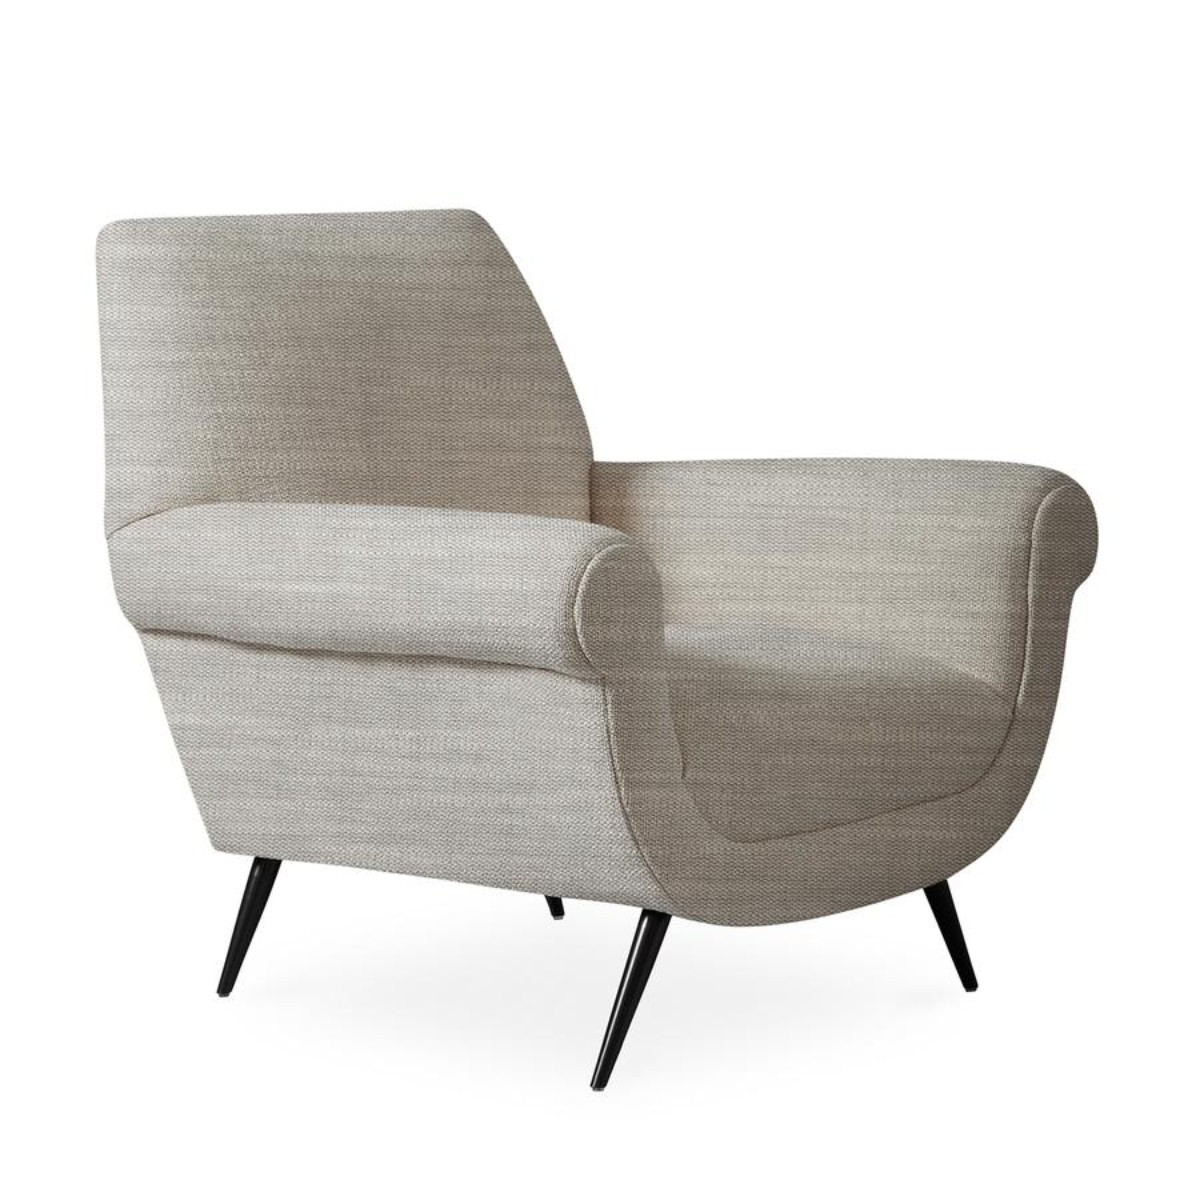 Jonathan Adler I Marcello Lounge Chair